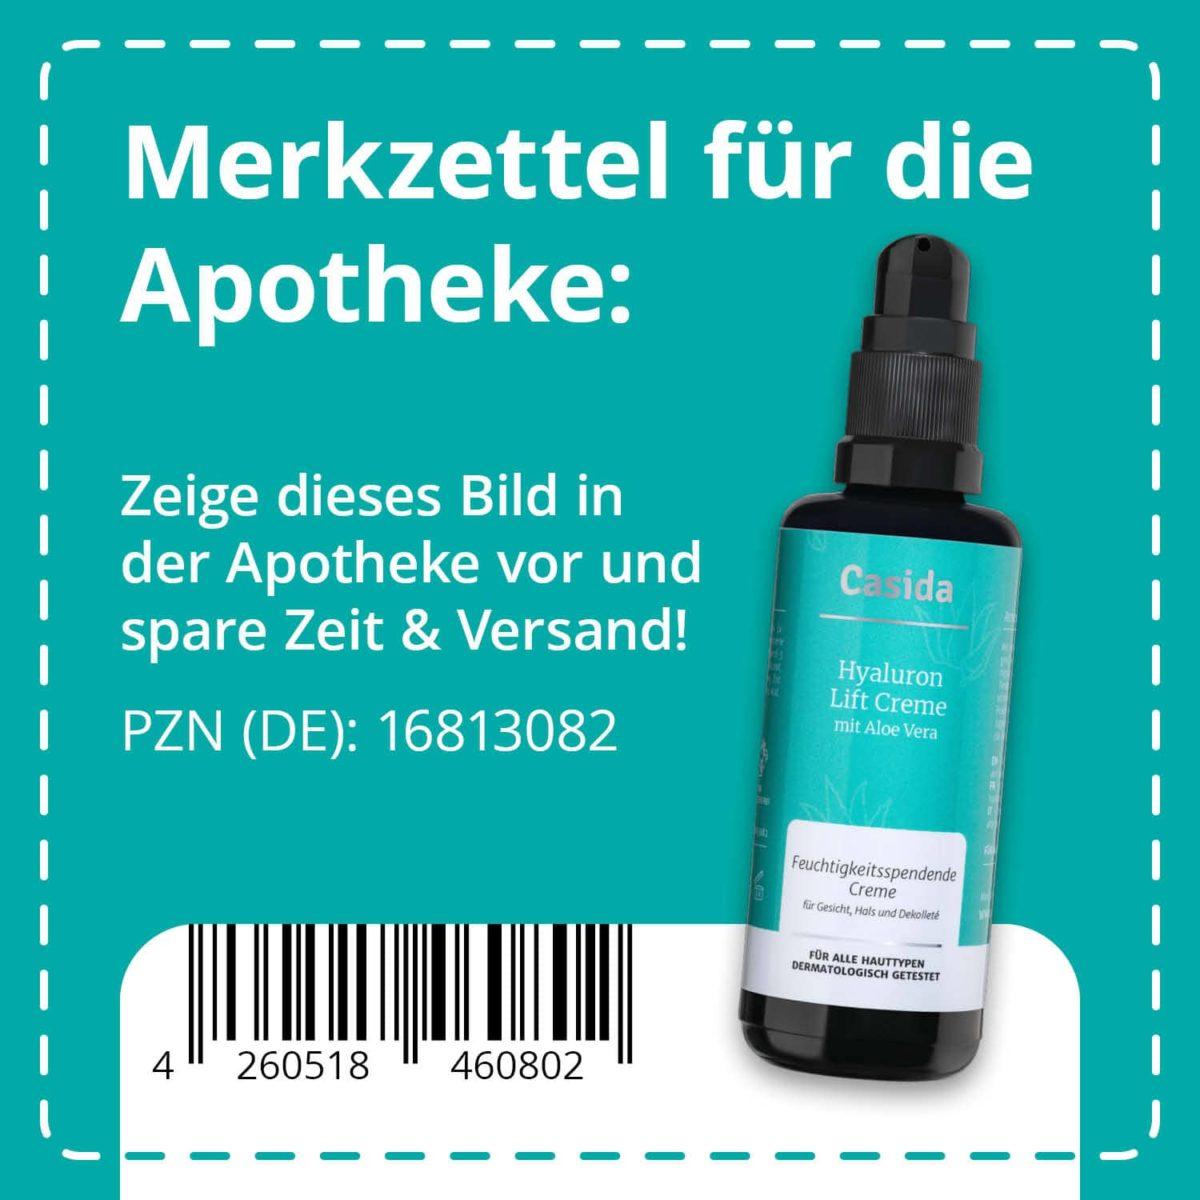 Casida Hyaluron Lift Creme mit Aloe Vera 50 ml 16813082 PZN Apotheke UVP 26,95 € EAN 4260518460802